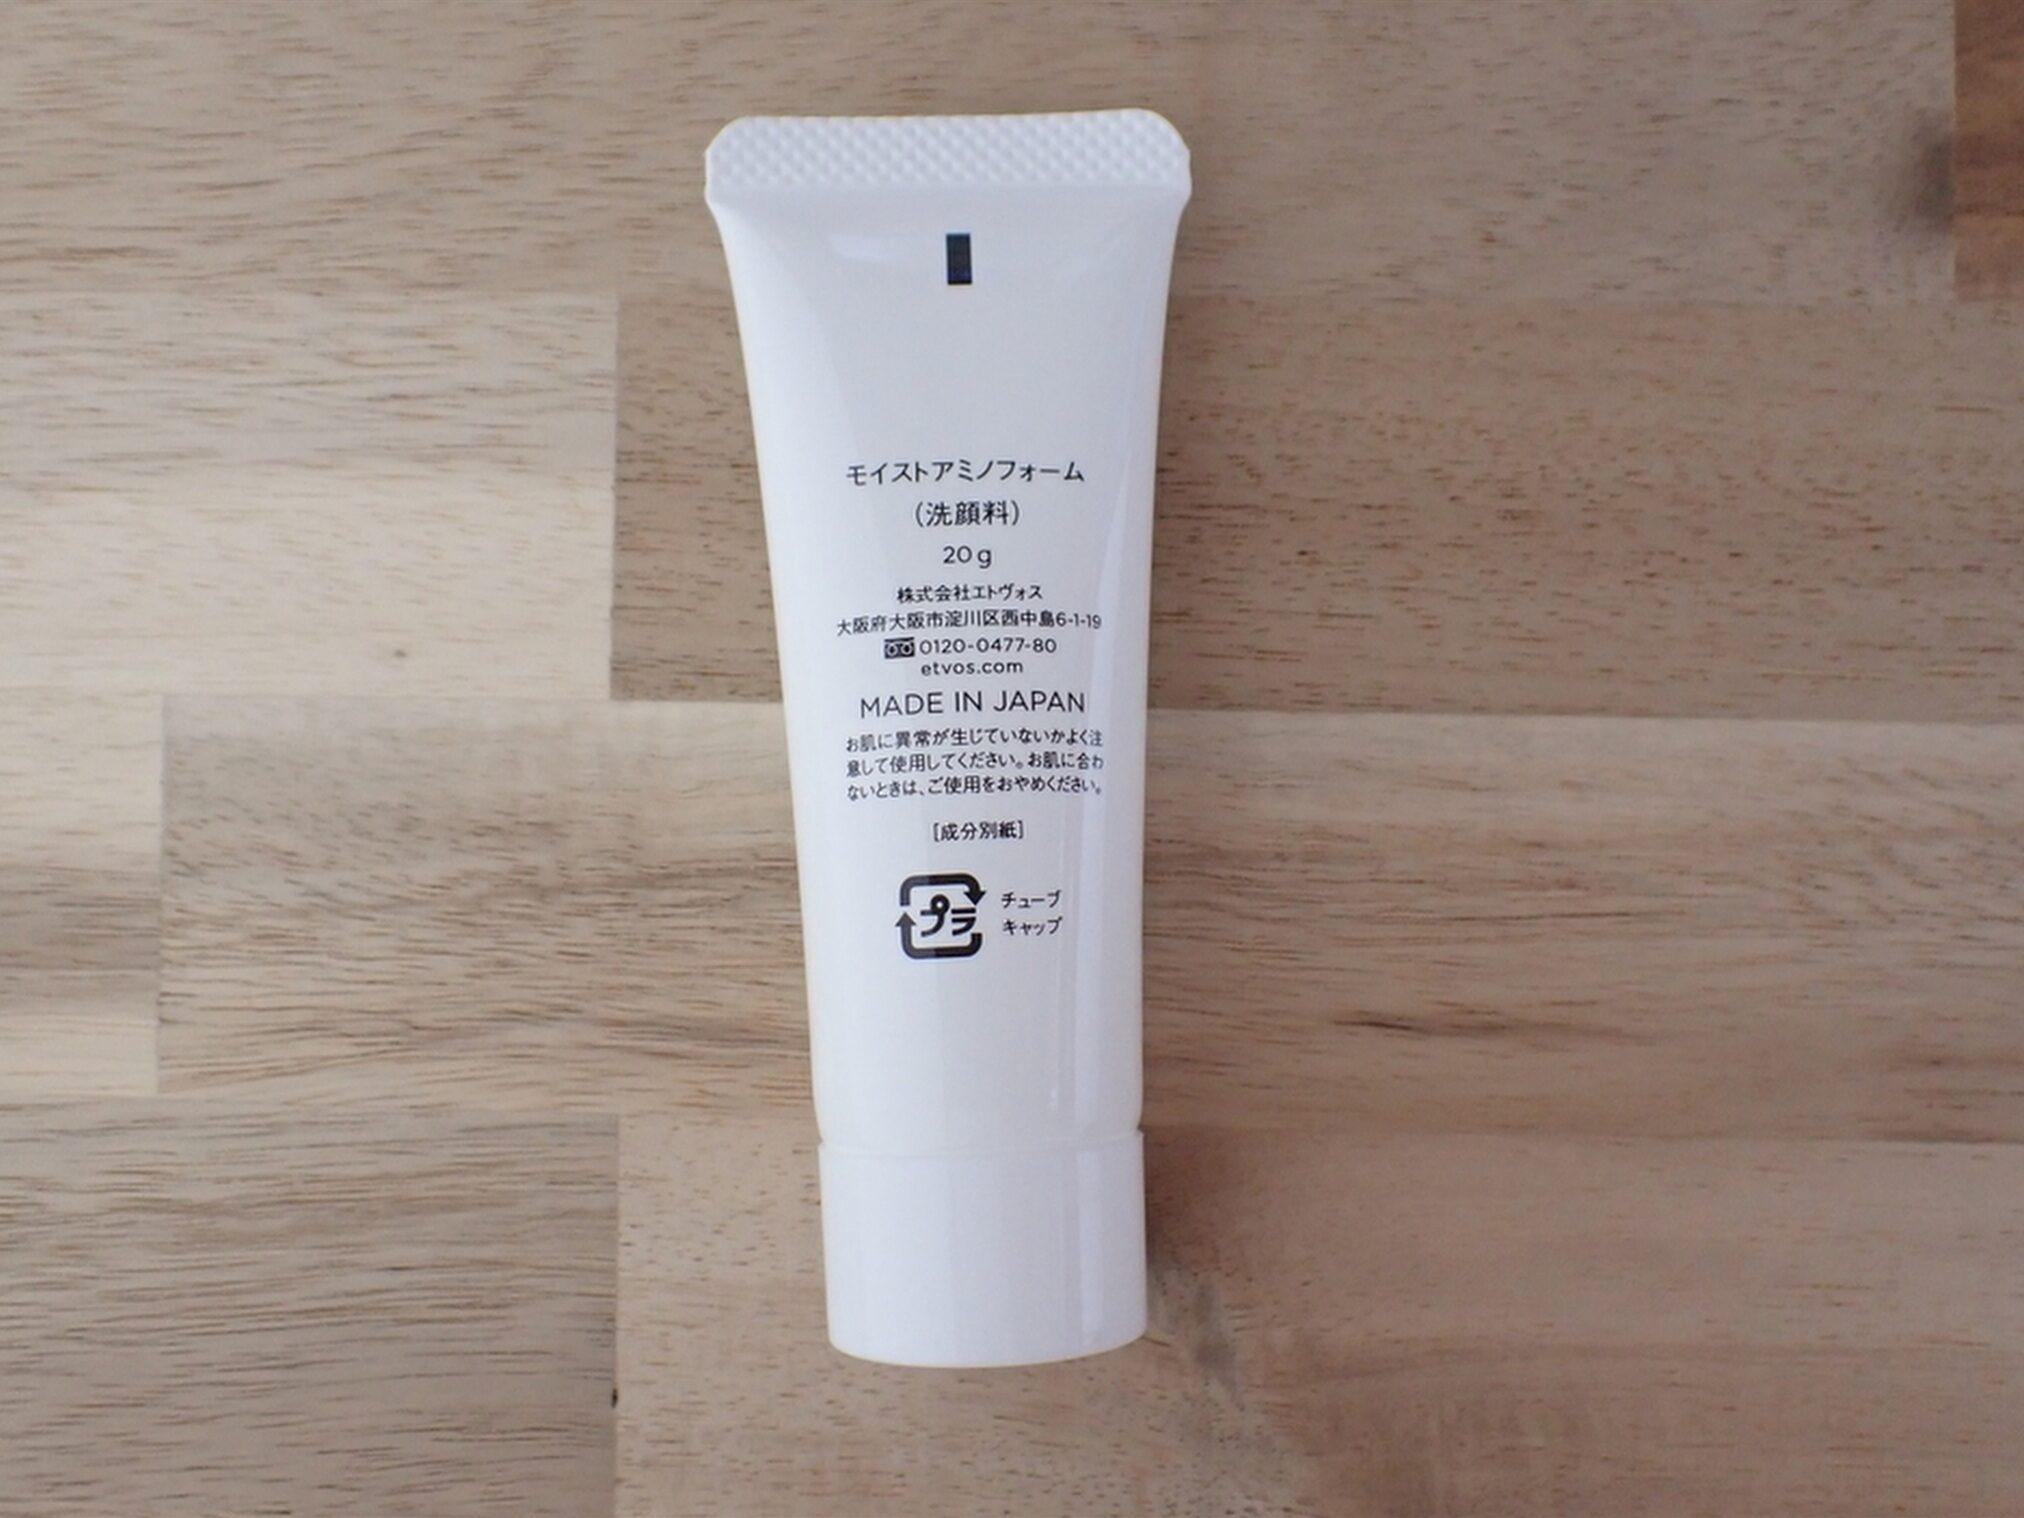 エトヴォス アルティモイスト トライアルキット ETVOS モイストアミノフォーム 20g 洗顔フォームだから夜はもちろん朝の洗顔にも使いやすいです